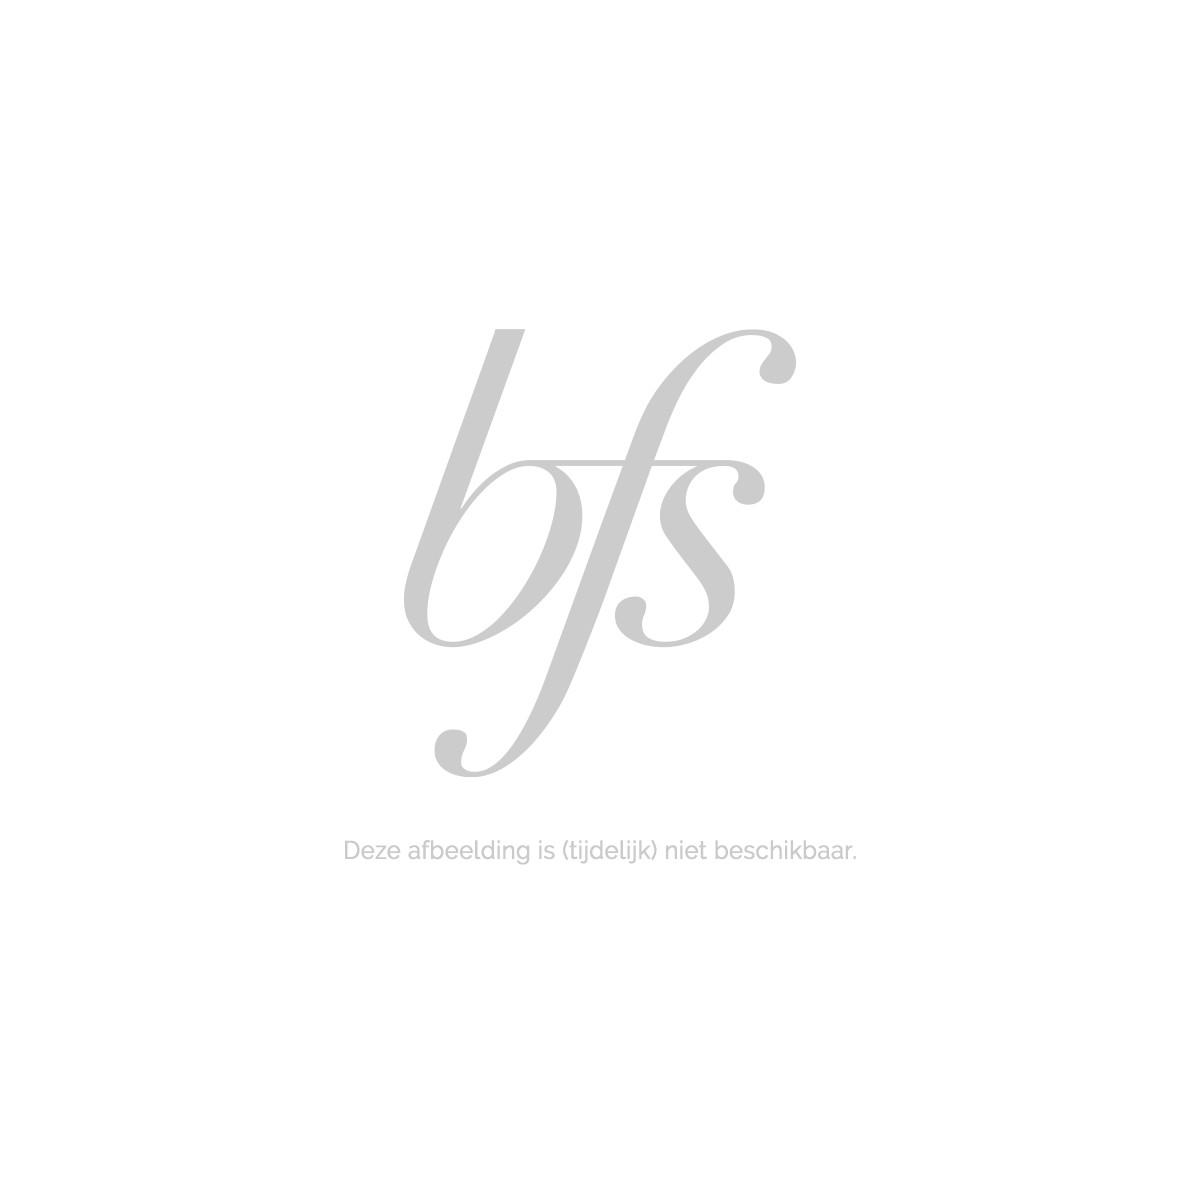 Darphin Melaperfect Foundation 02 Beige Spf15